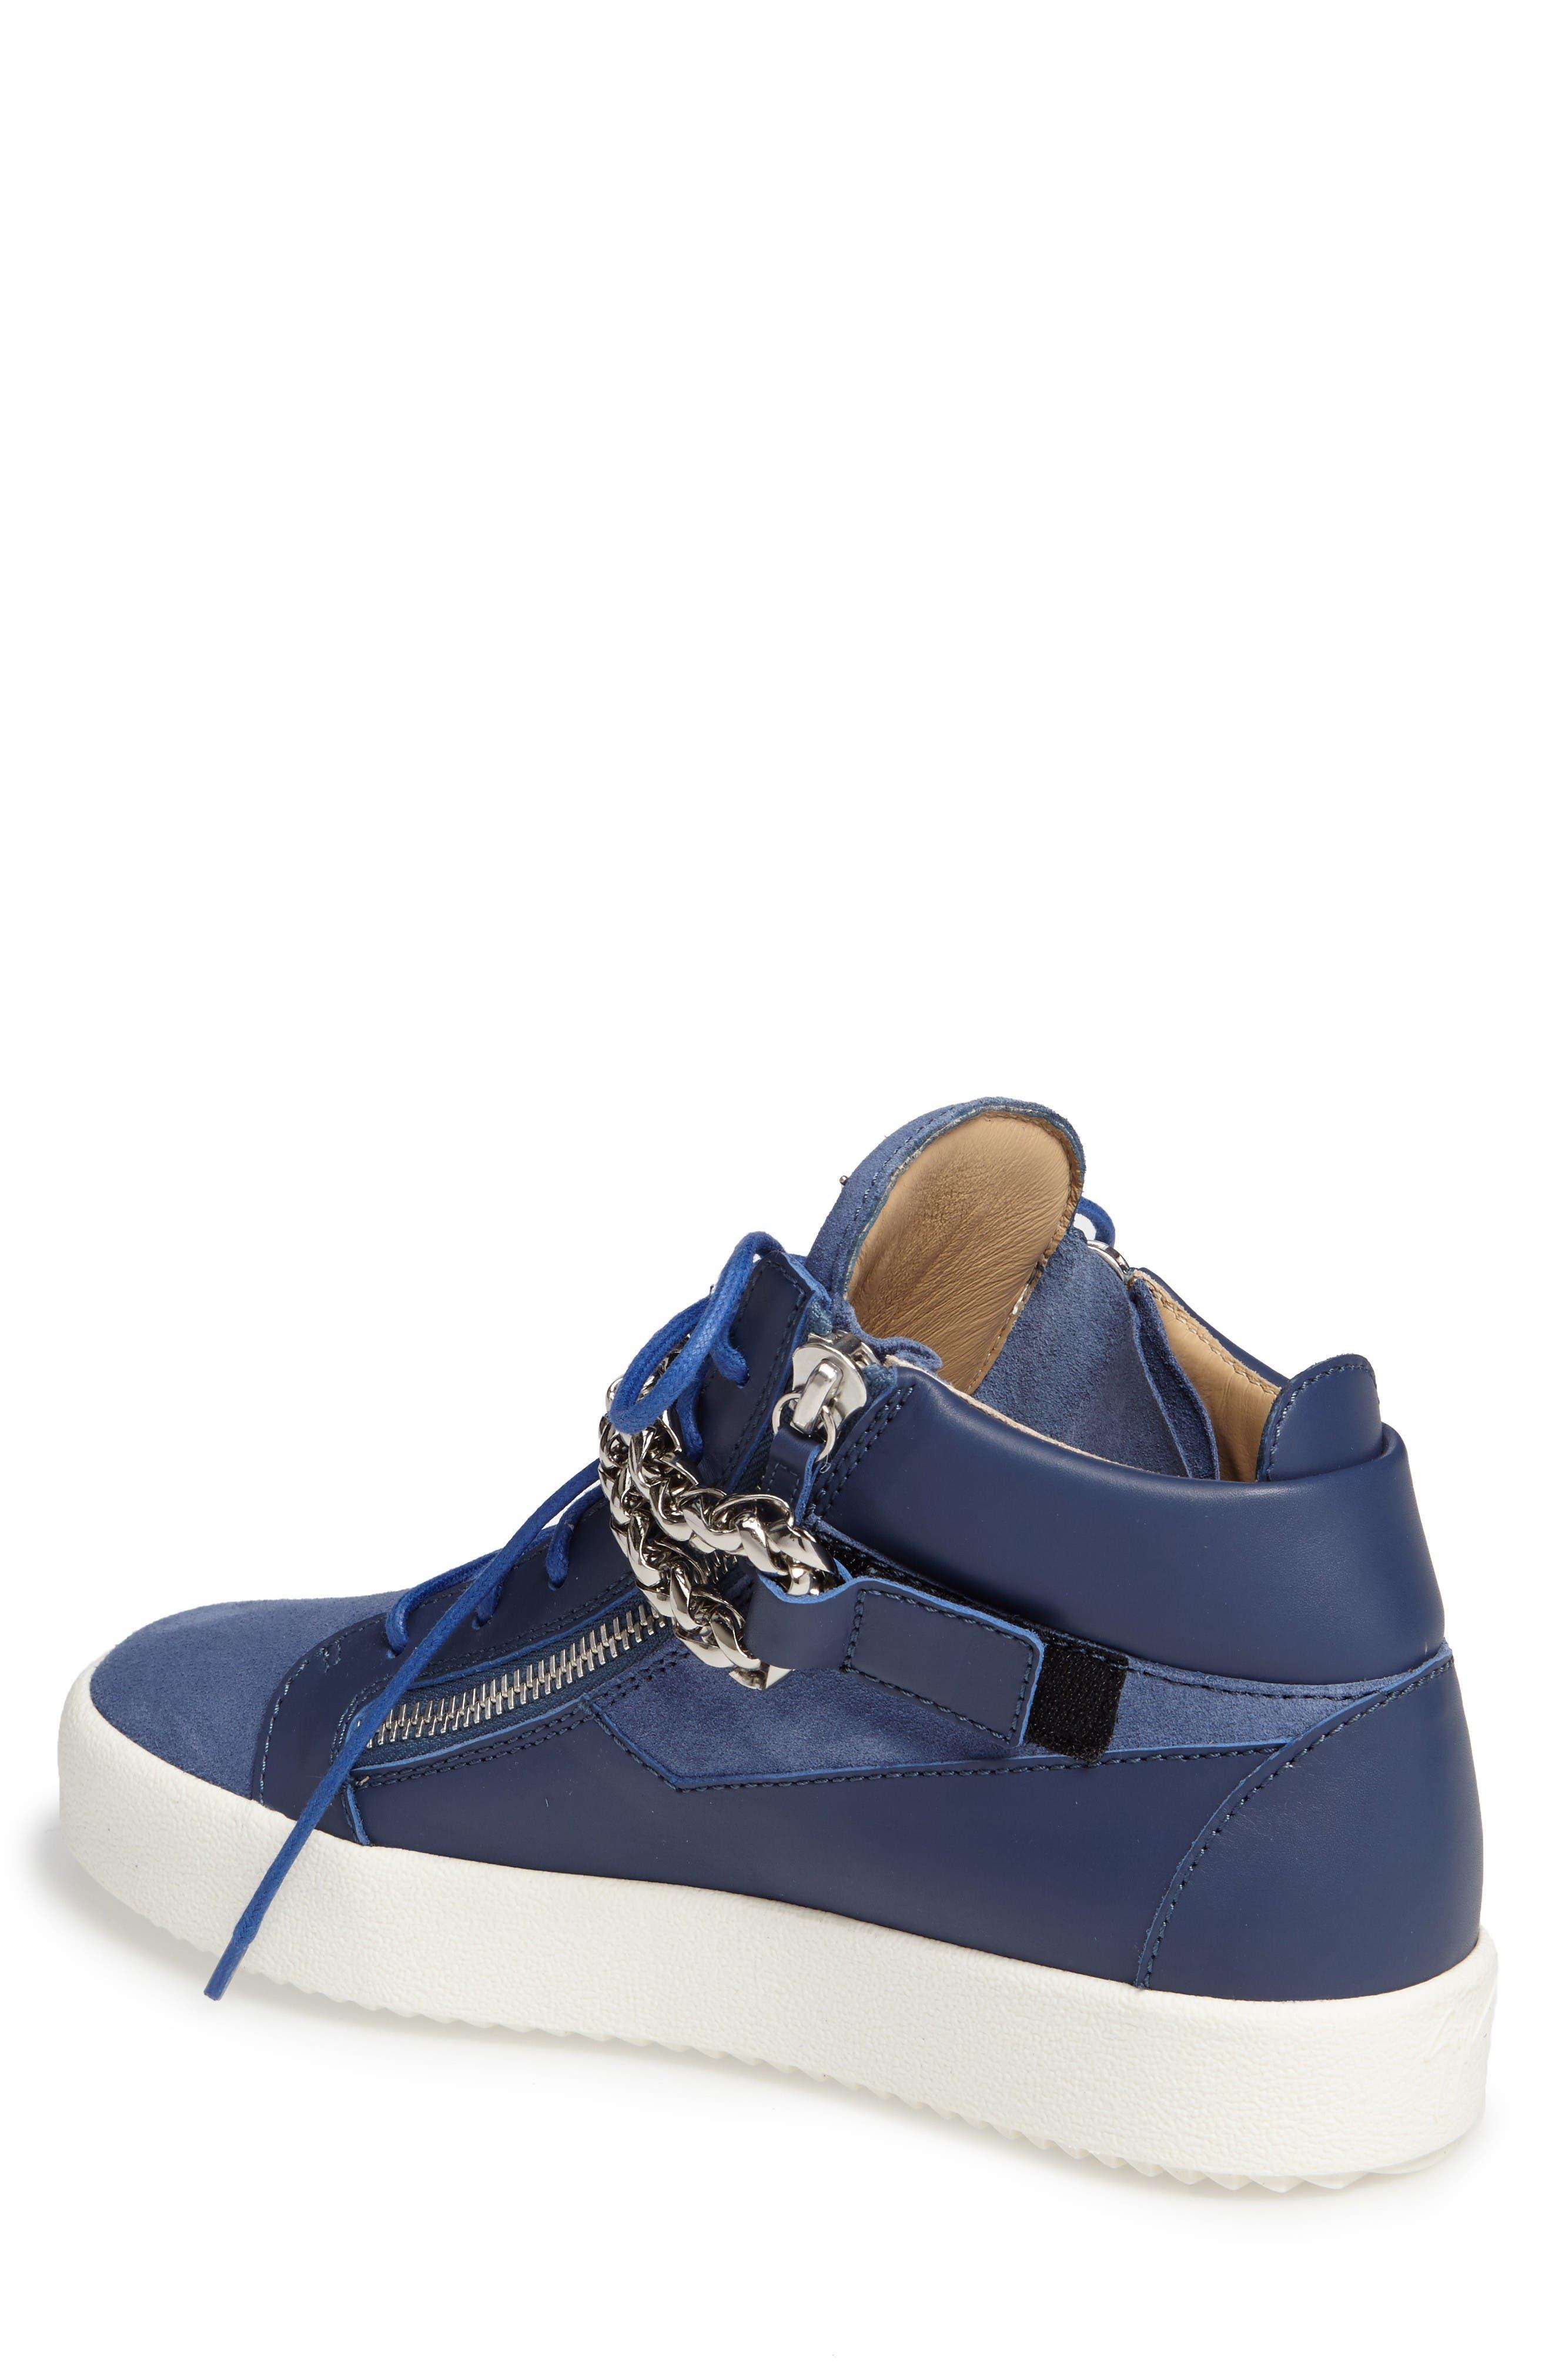 Alternate Image 2  - Giuseppe Zanotti Chain Mid Top Sneaker (Men)